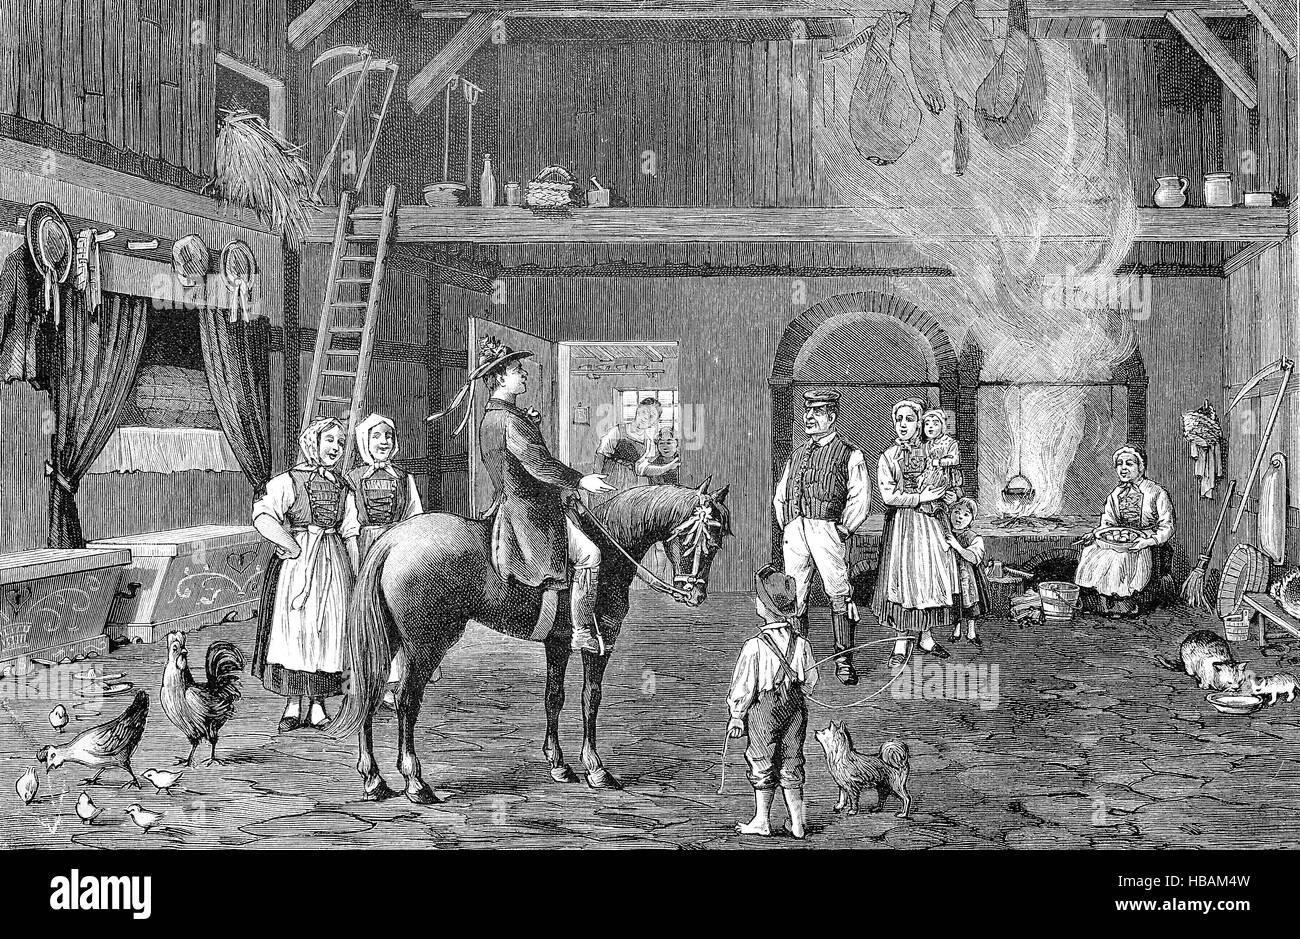 Wedding customs, Hochzeitsbitter, auch Hochzeitslader, Wedding loafer, Pomerania, hictorical illustration from 1880 - Stock Image